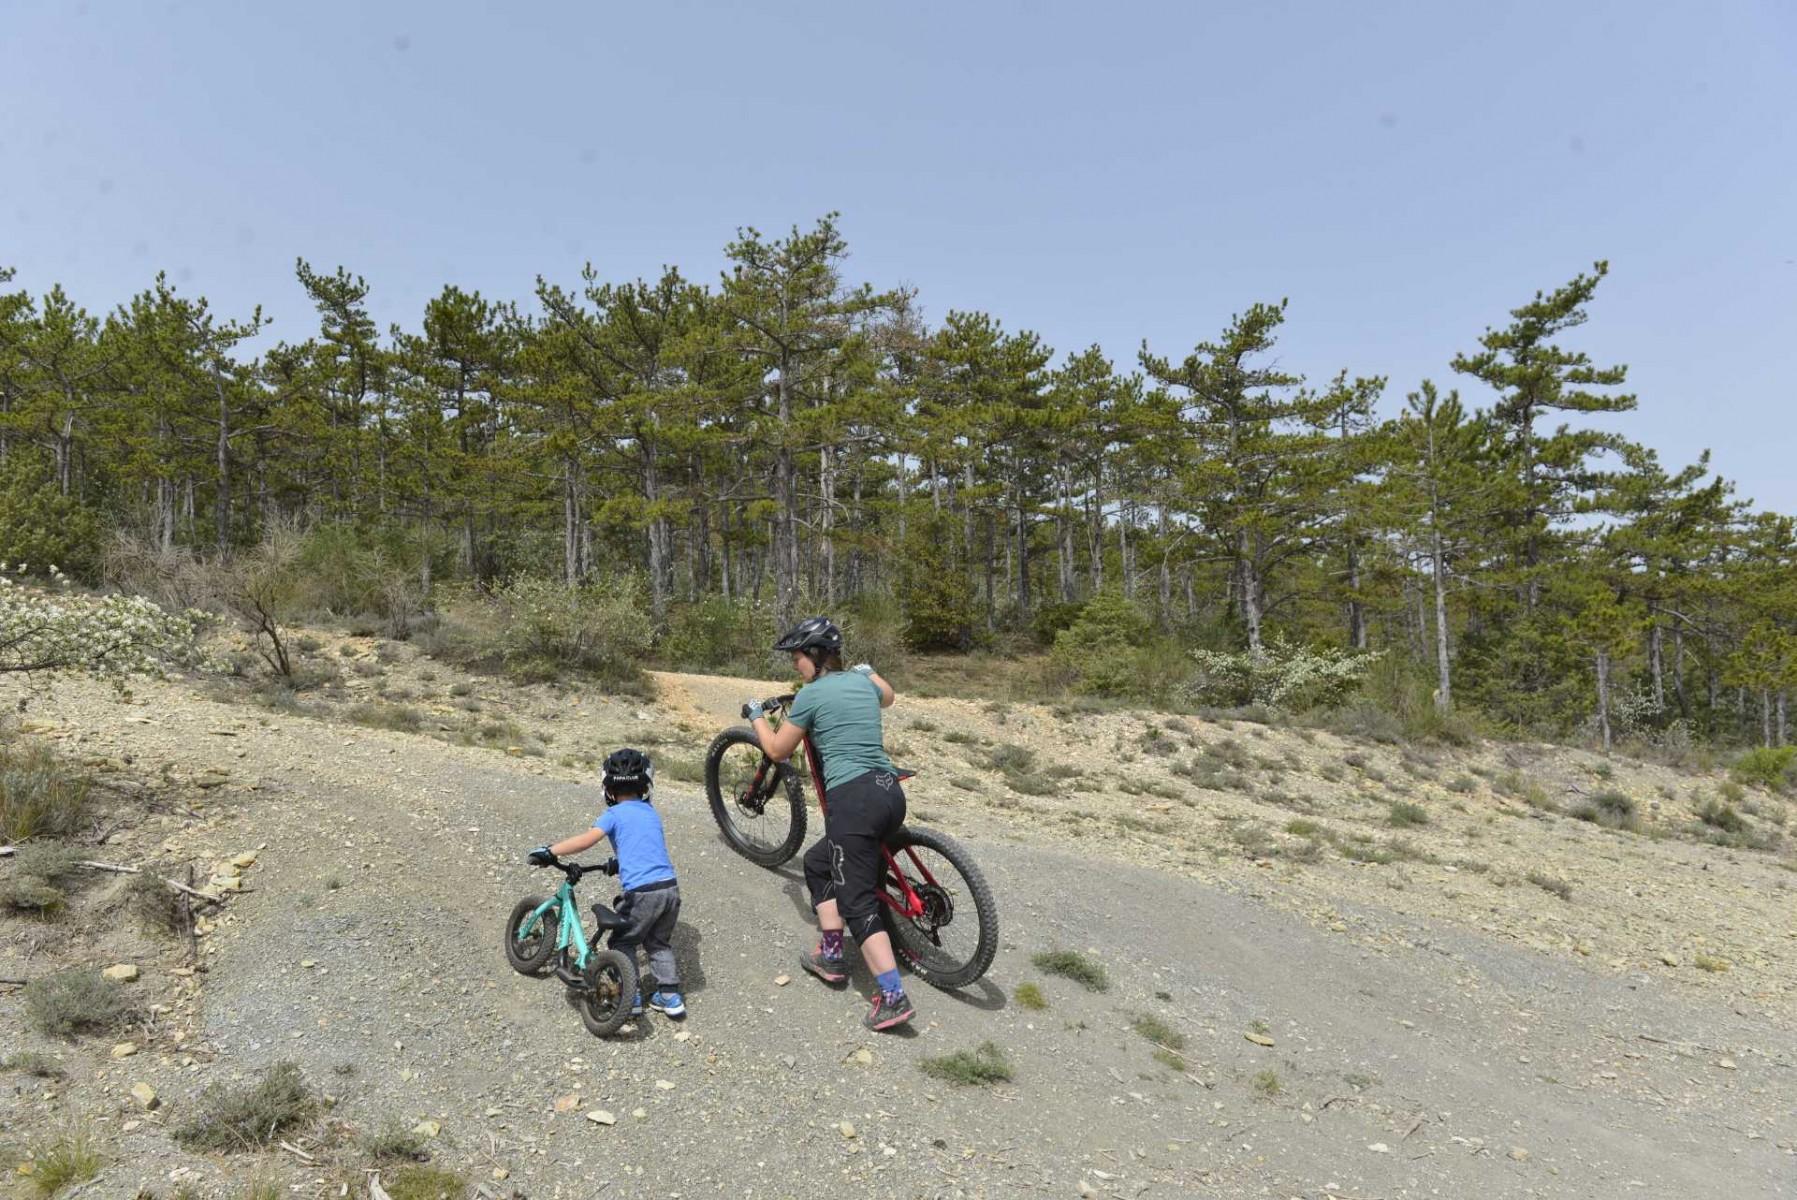 faire du vélo avec son enfant. Maman et enfant pousse VTT